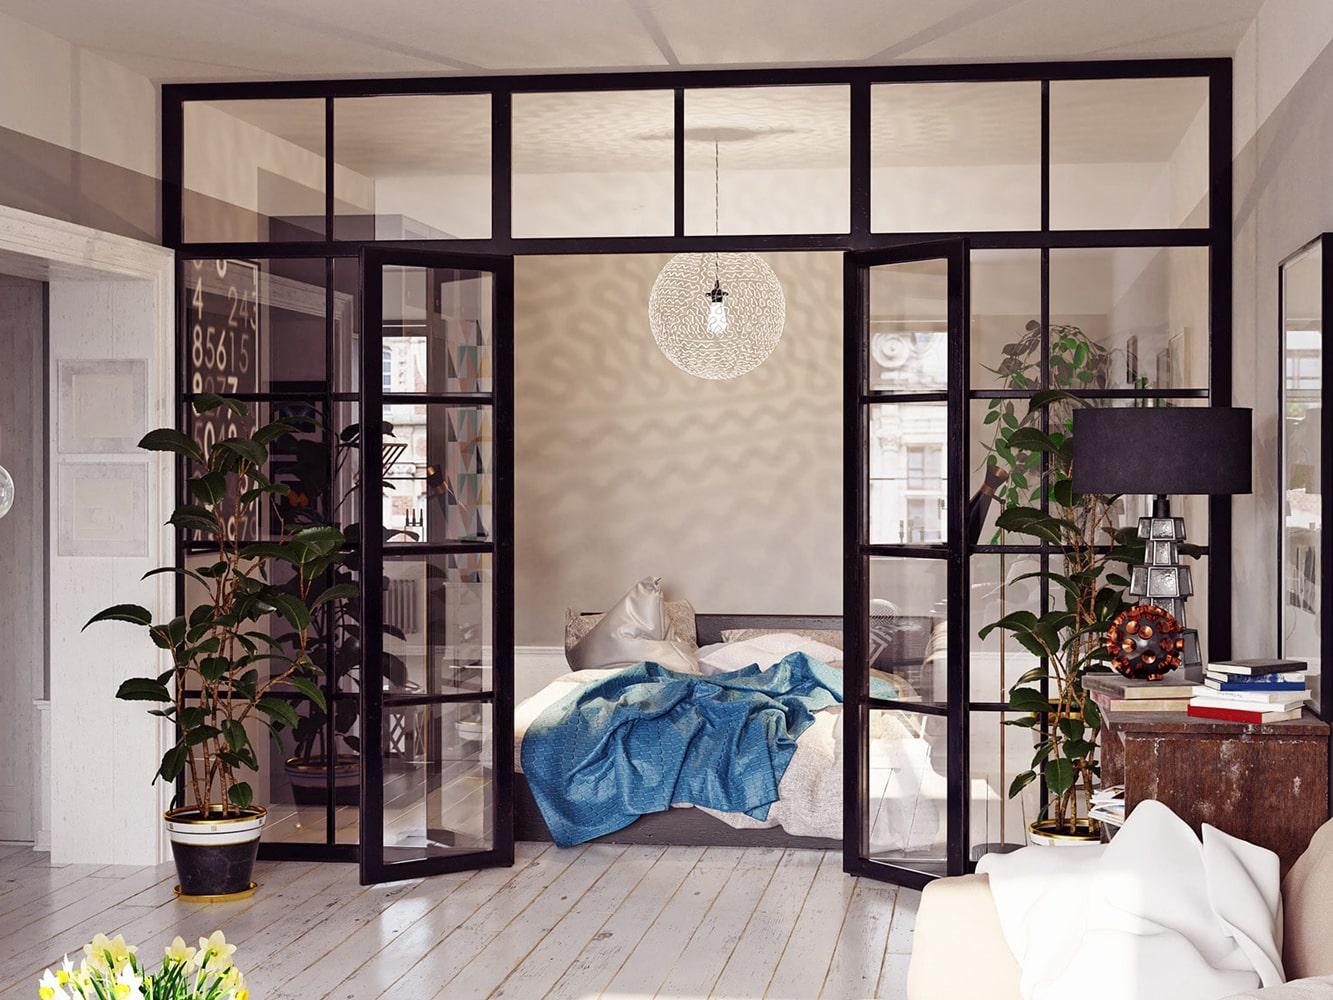 Doppeltür im Loft Stil - Raumtrenner für Schlafzimmer